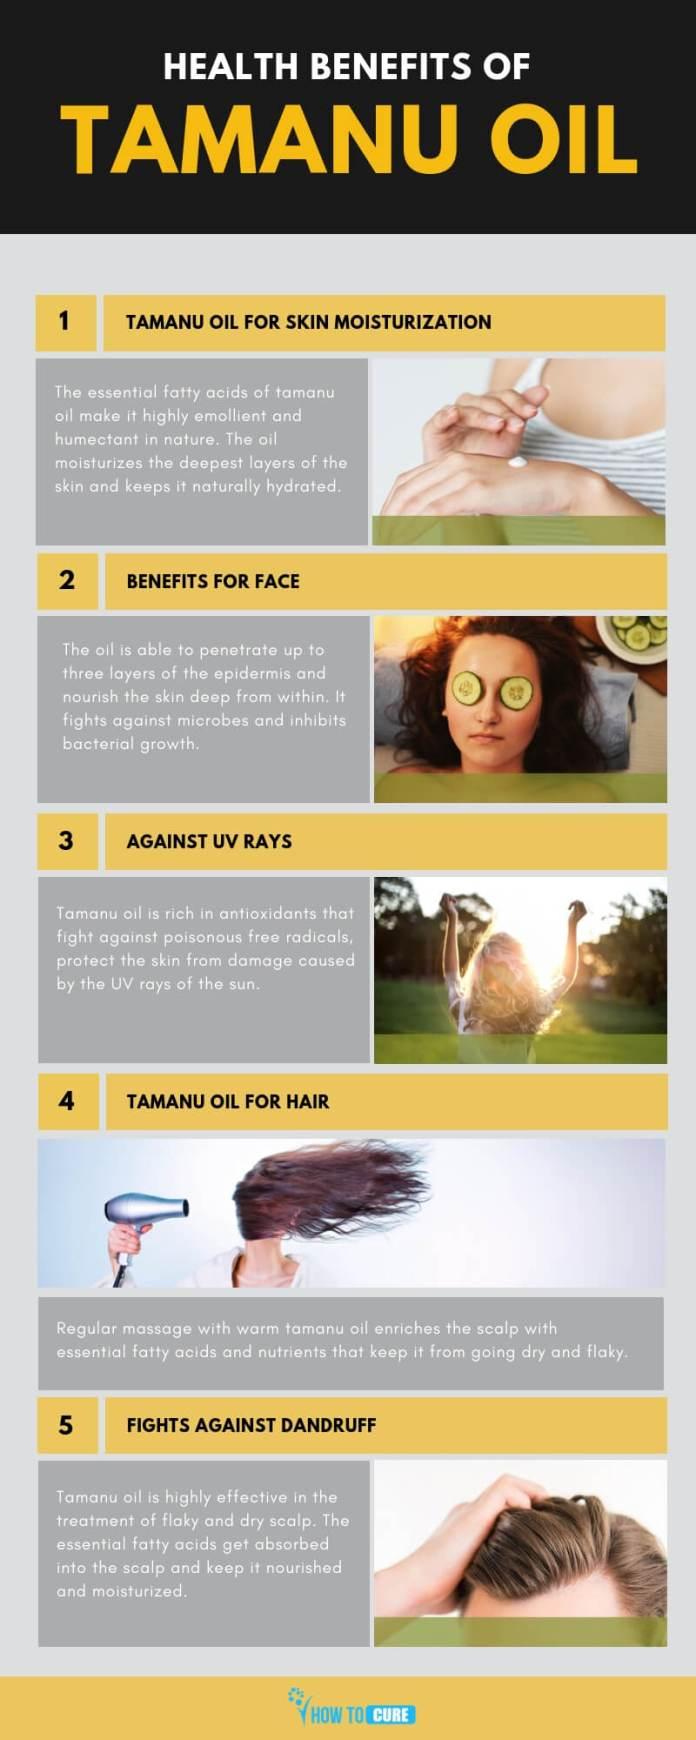 tamanu oil - infographic